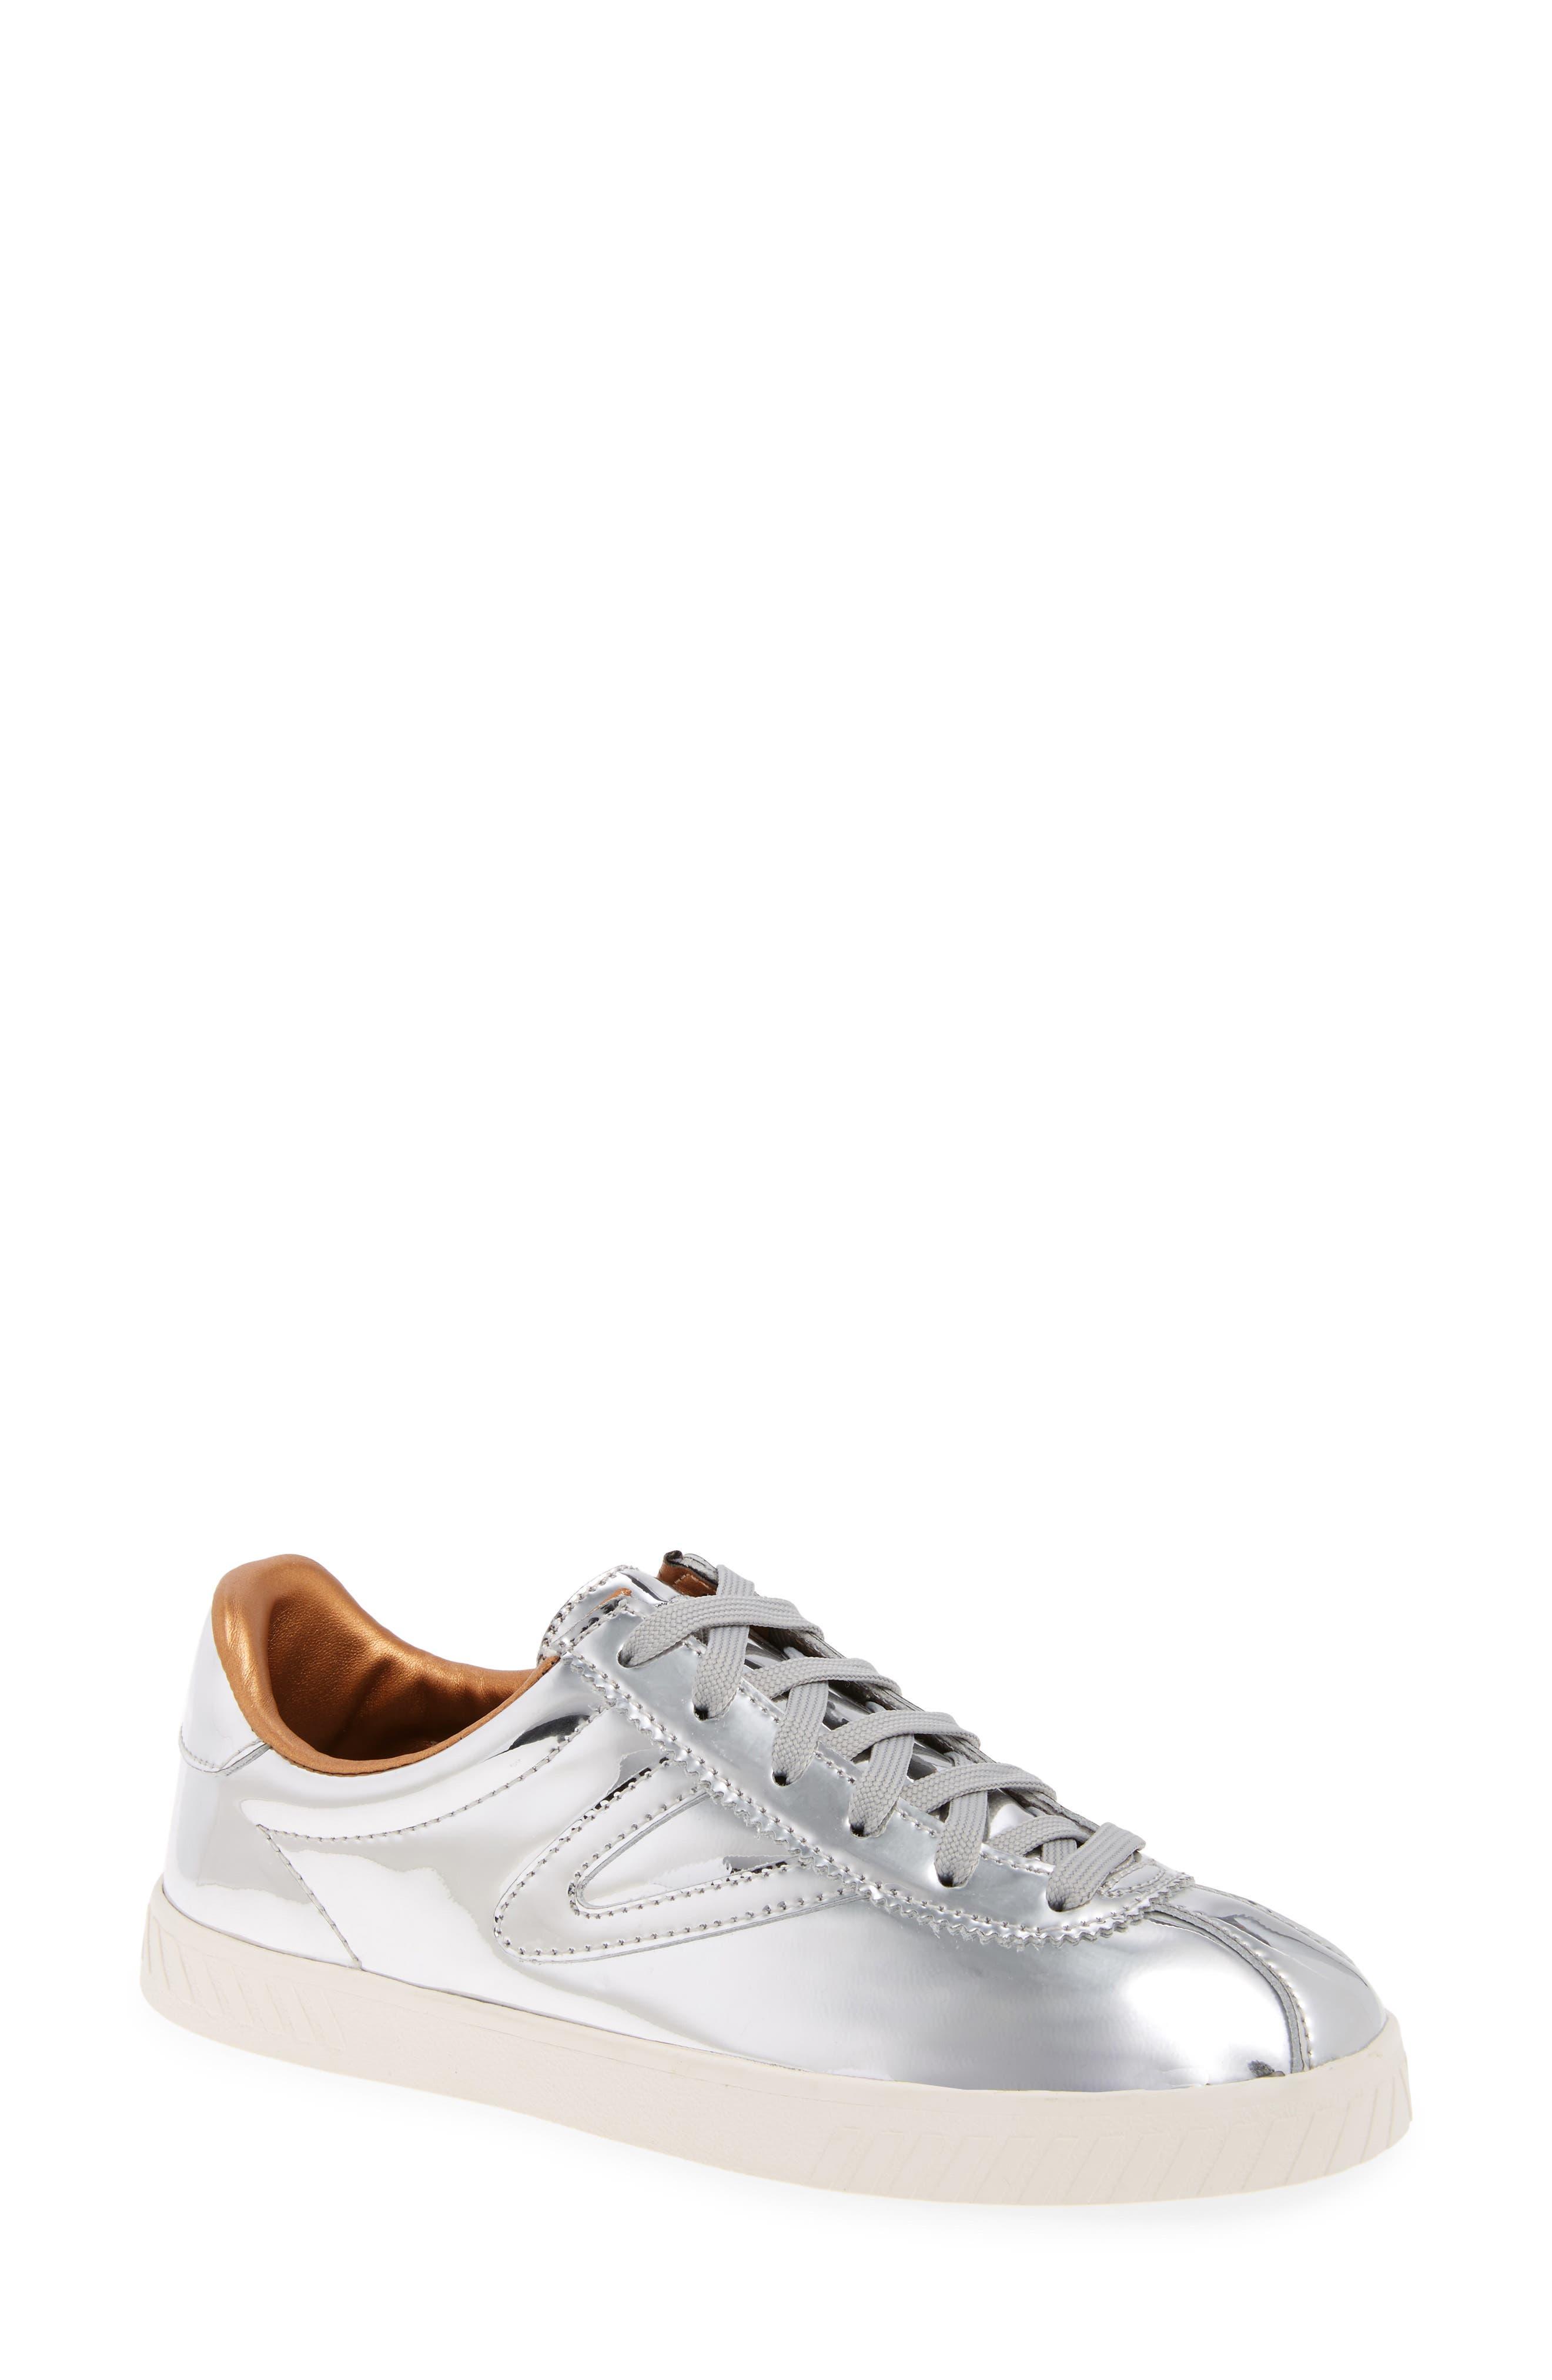 Camden 2 Sneaker,                             Main thumbnail 1, color,                             040